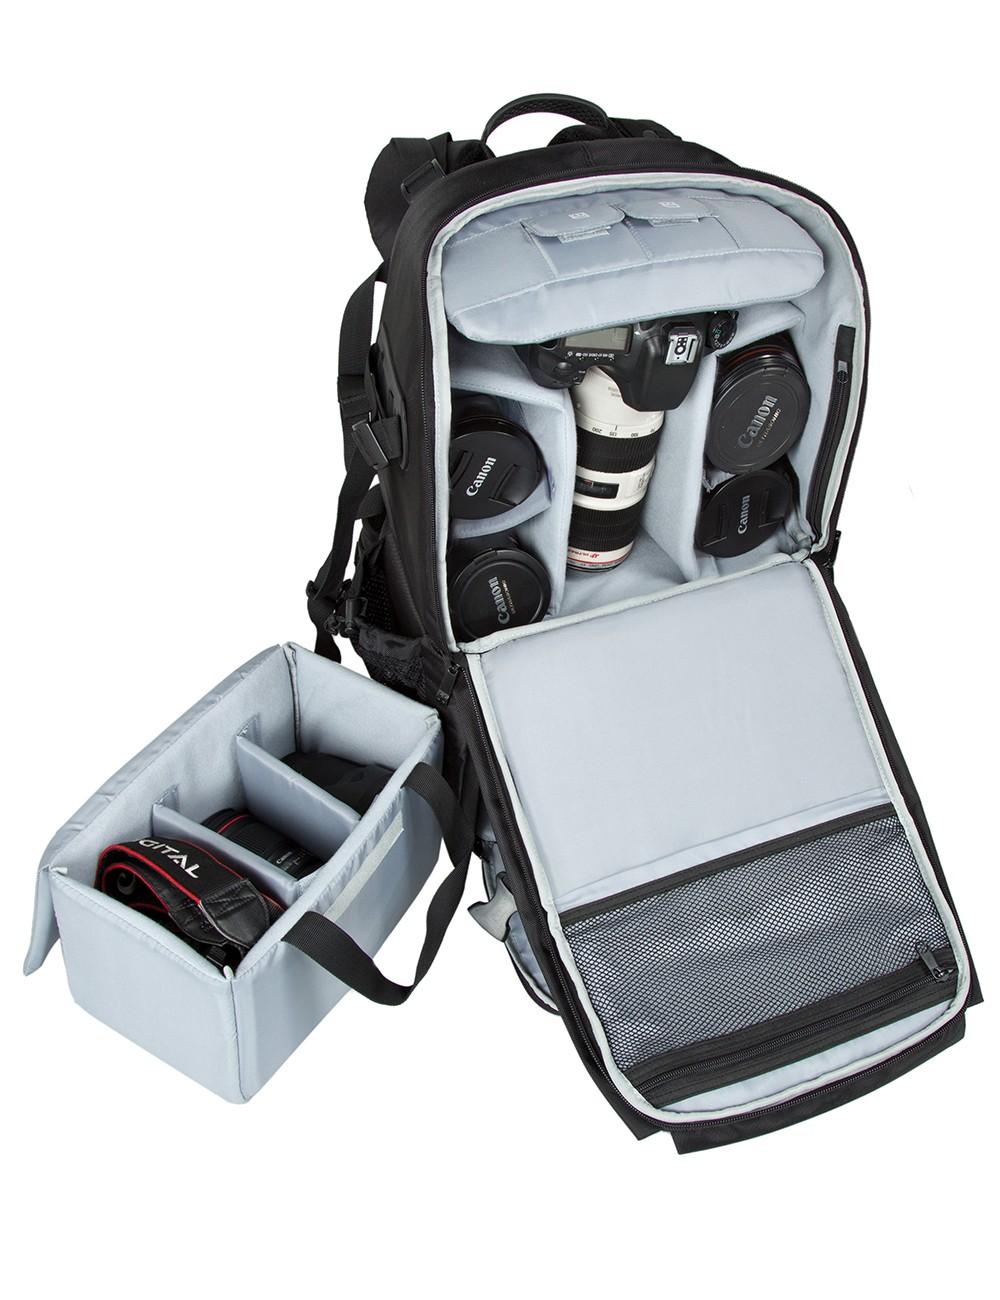 DSLR Backpacks Manufacturers, DSLR Backpacks Factory, Supply DSLR Backpacks